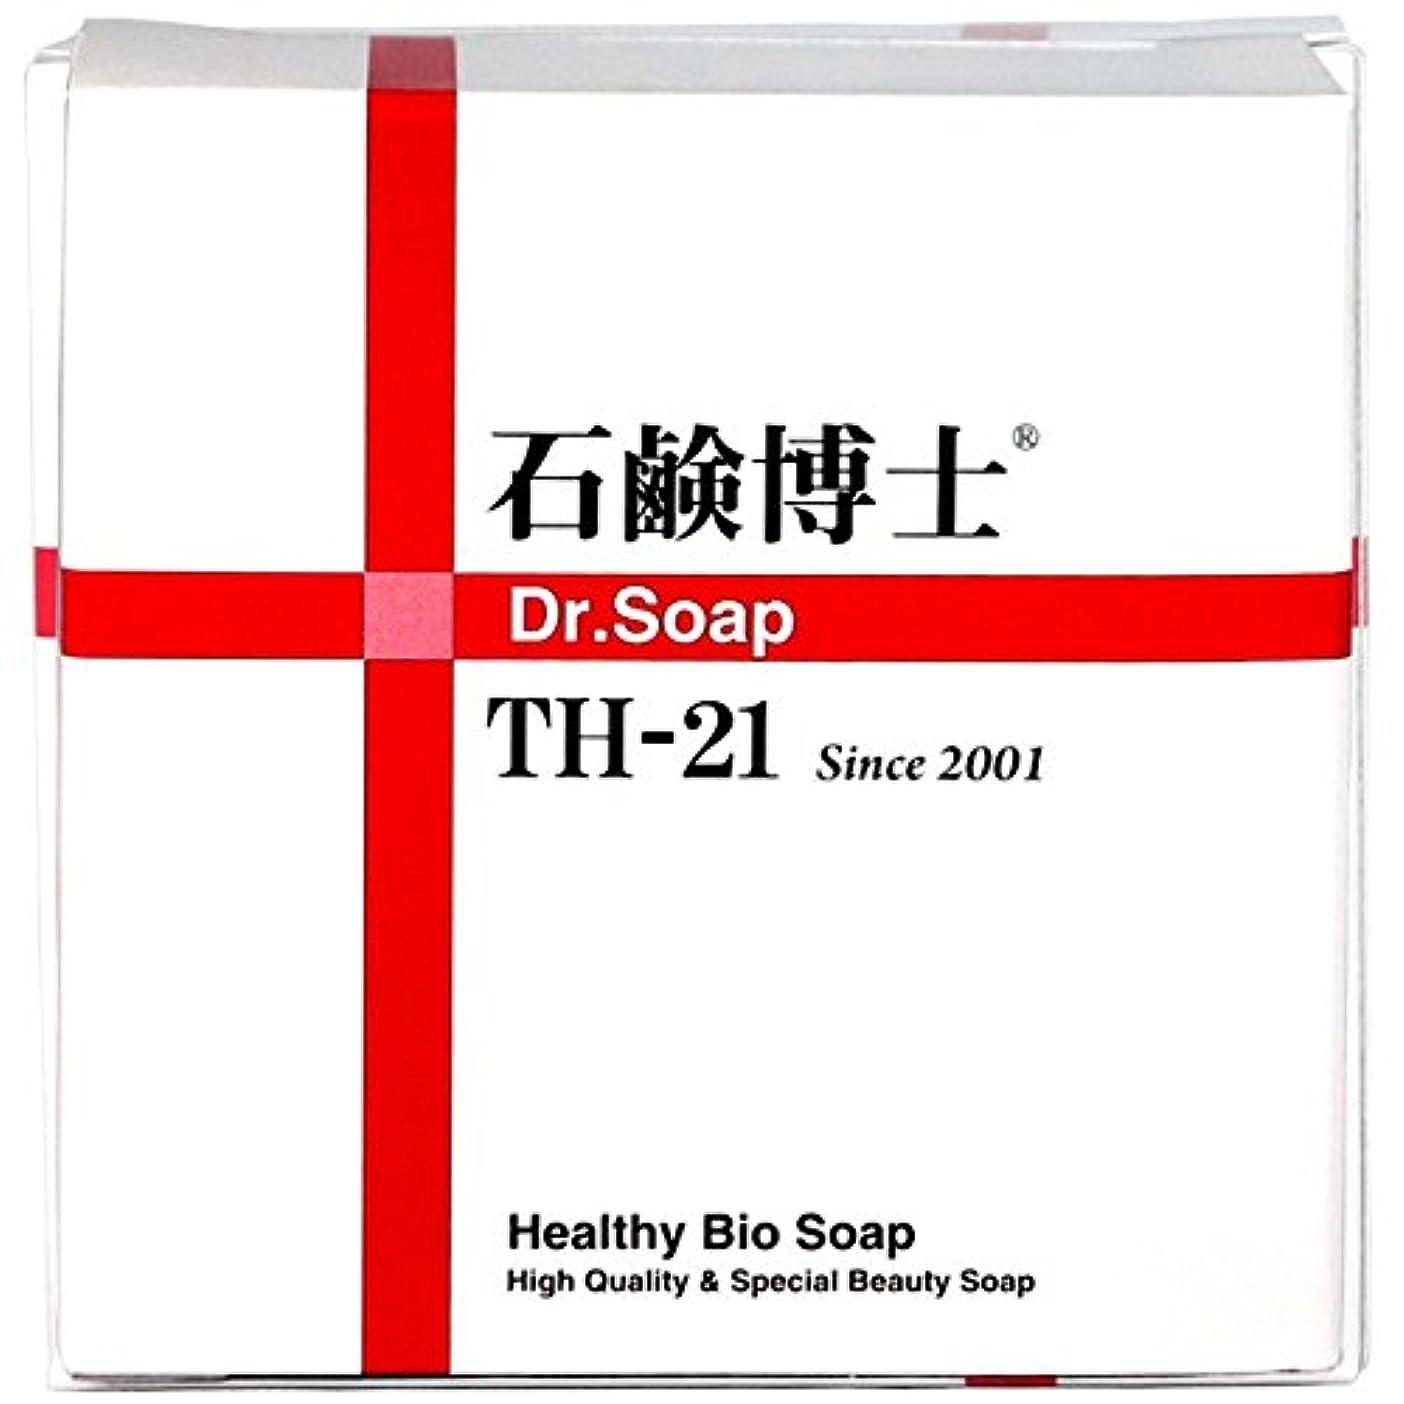 ホームレス発掘三十ミネラルと分解酵素で洗顔しながらスキンケア 石鹸博士 DRソープ石鹸 Dr.Soap TH-21 100g